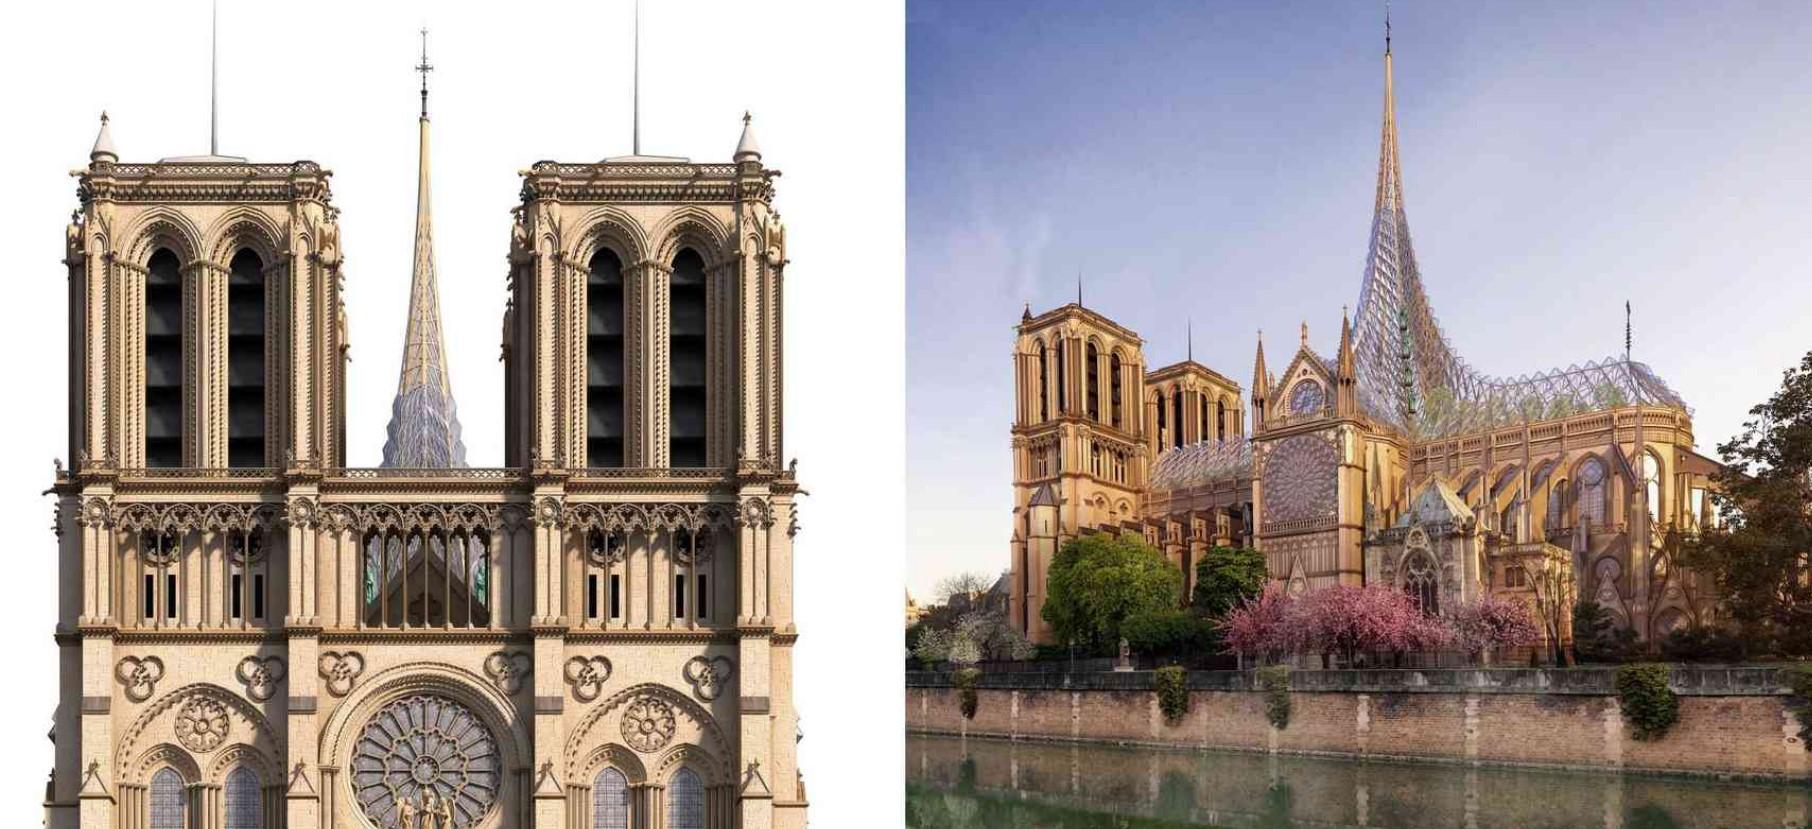 Архитекторы предложили проект Нотр-Дама со стеклянной крышей